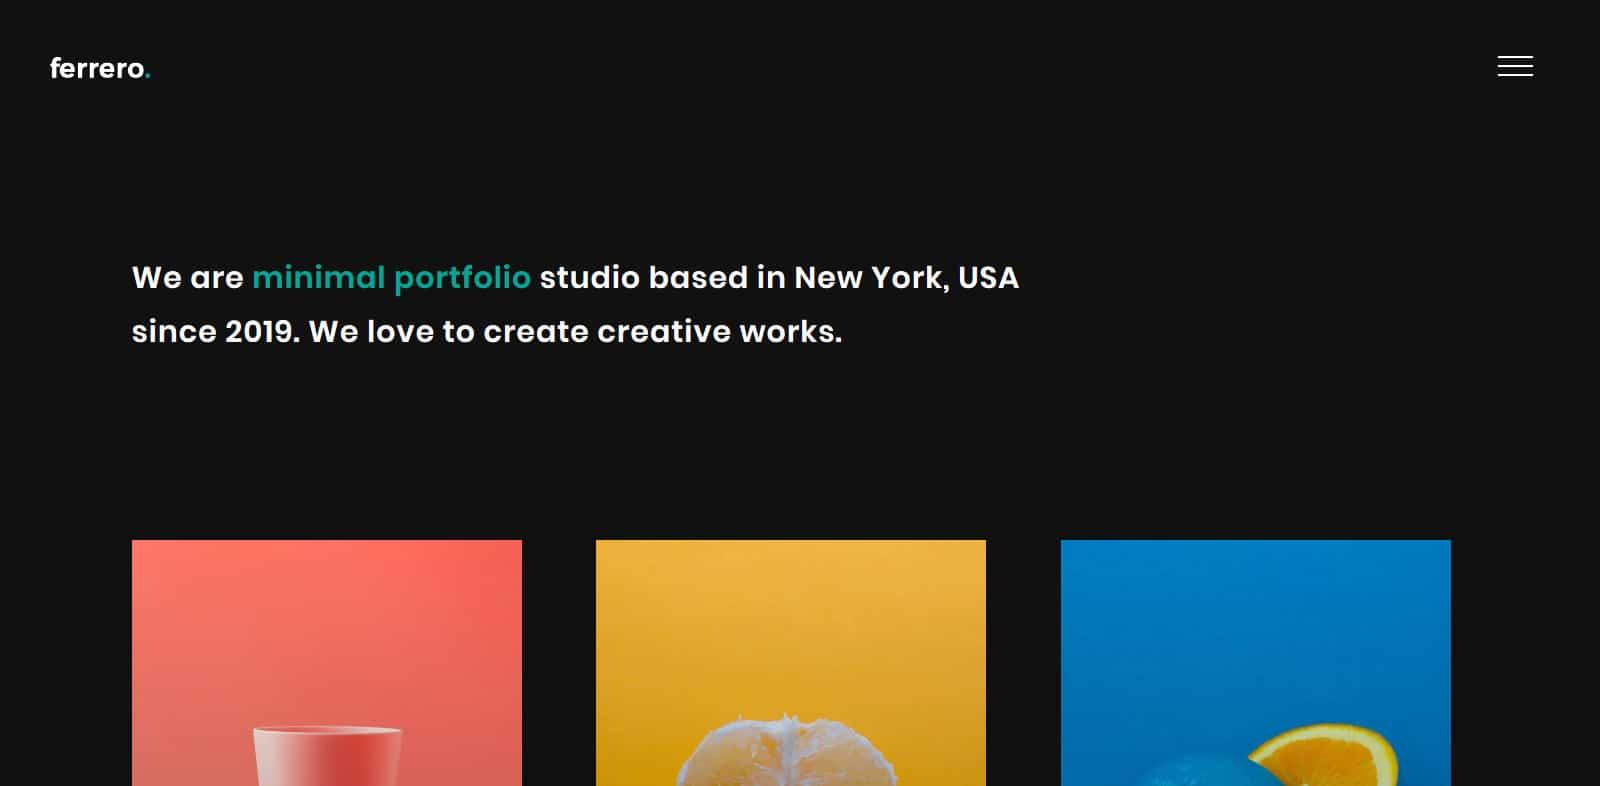 ferrero-simple-website-template